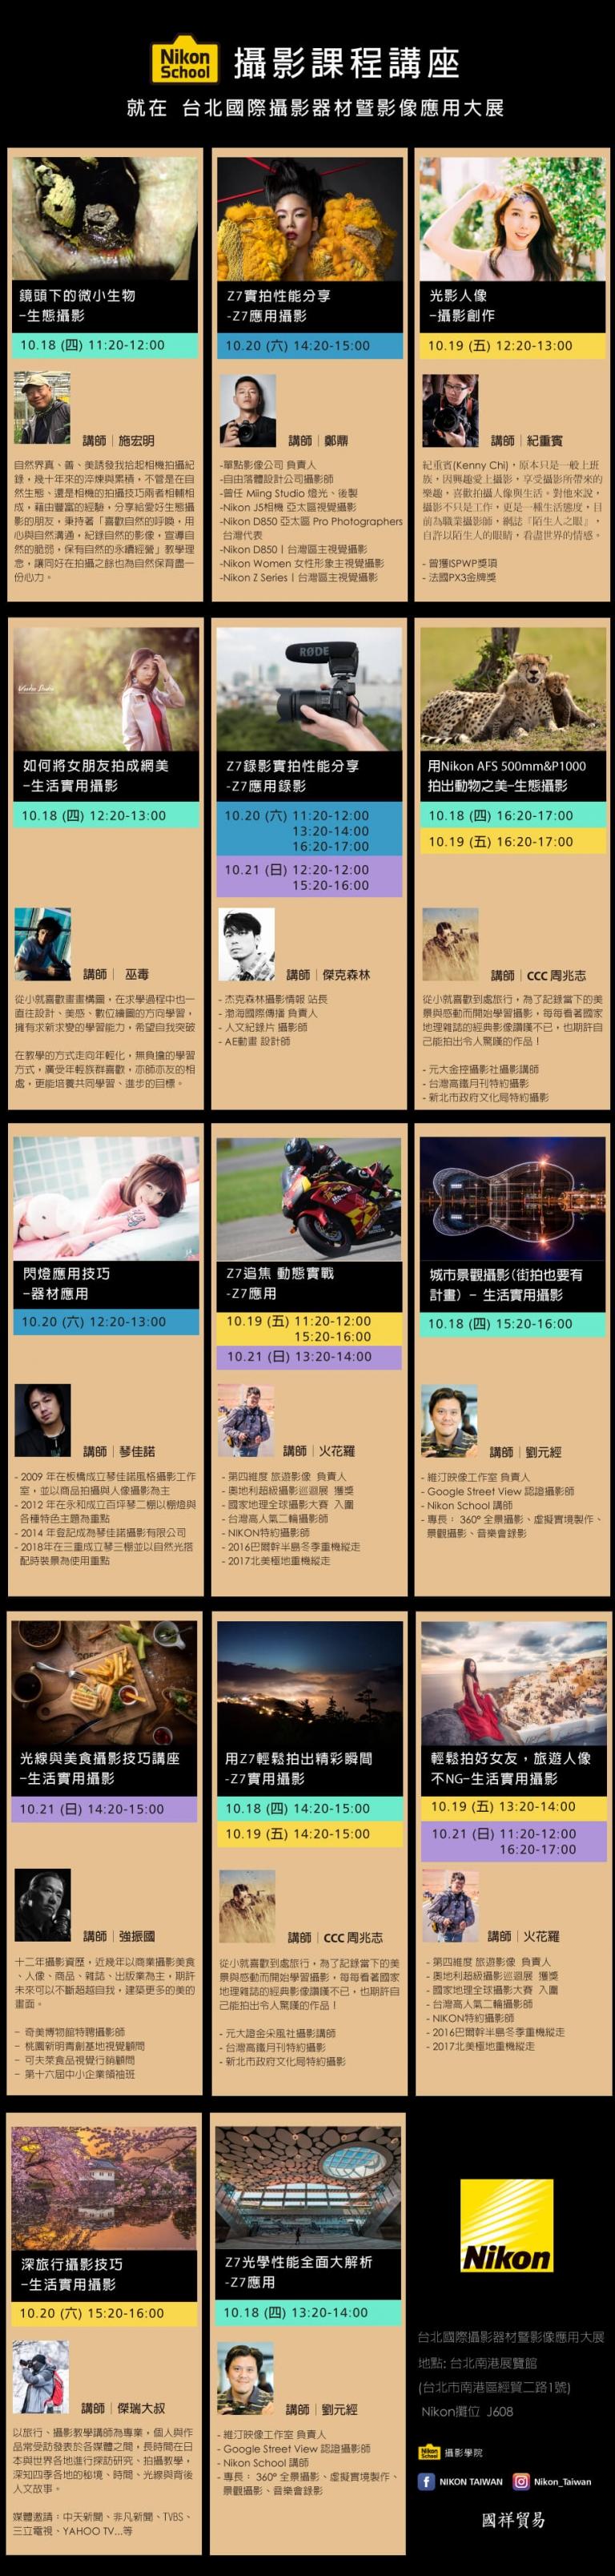 2018台北國際攝影器材展 Nikon School 攝影課程講座